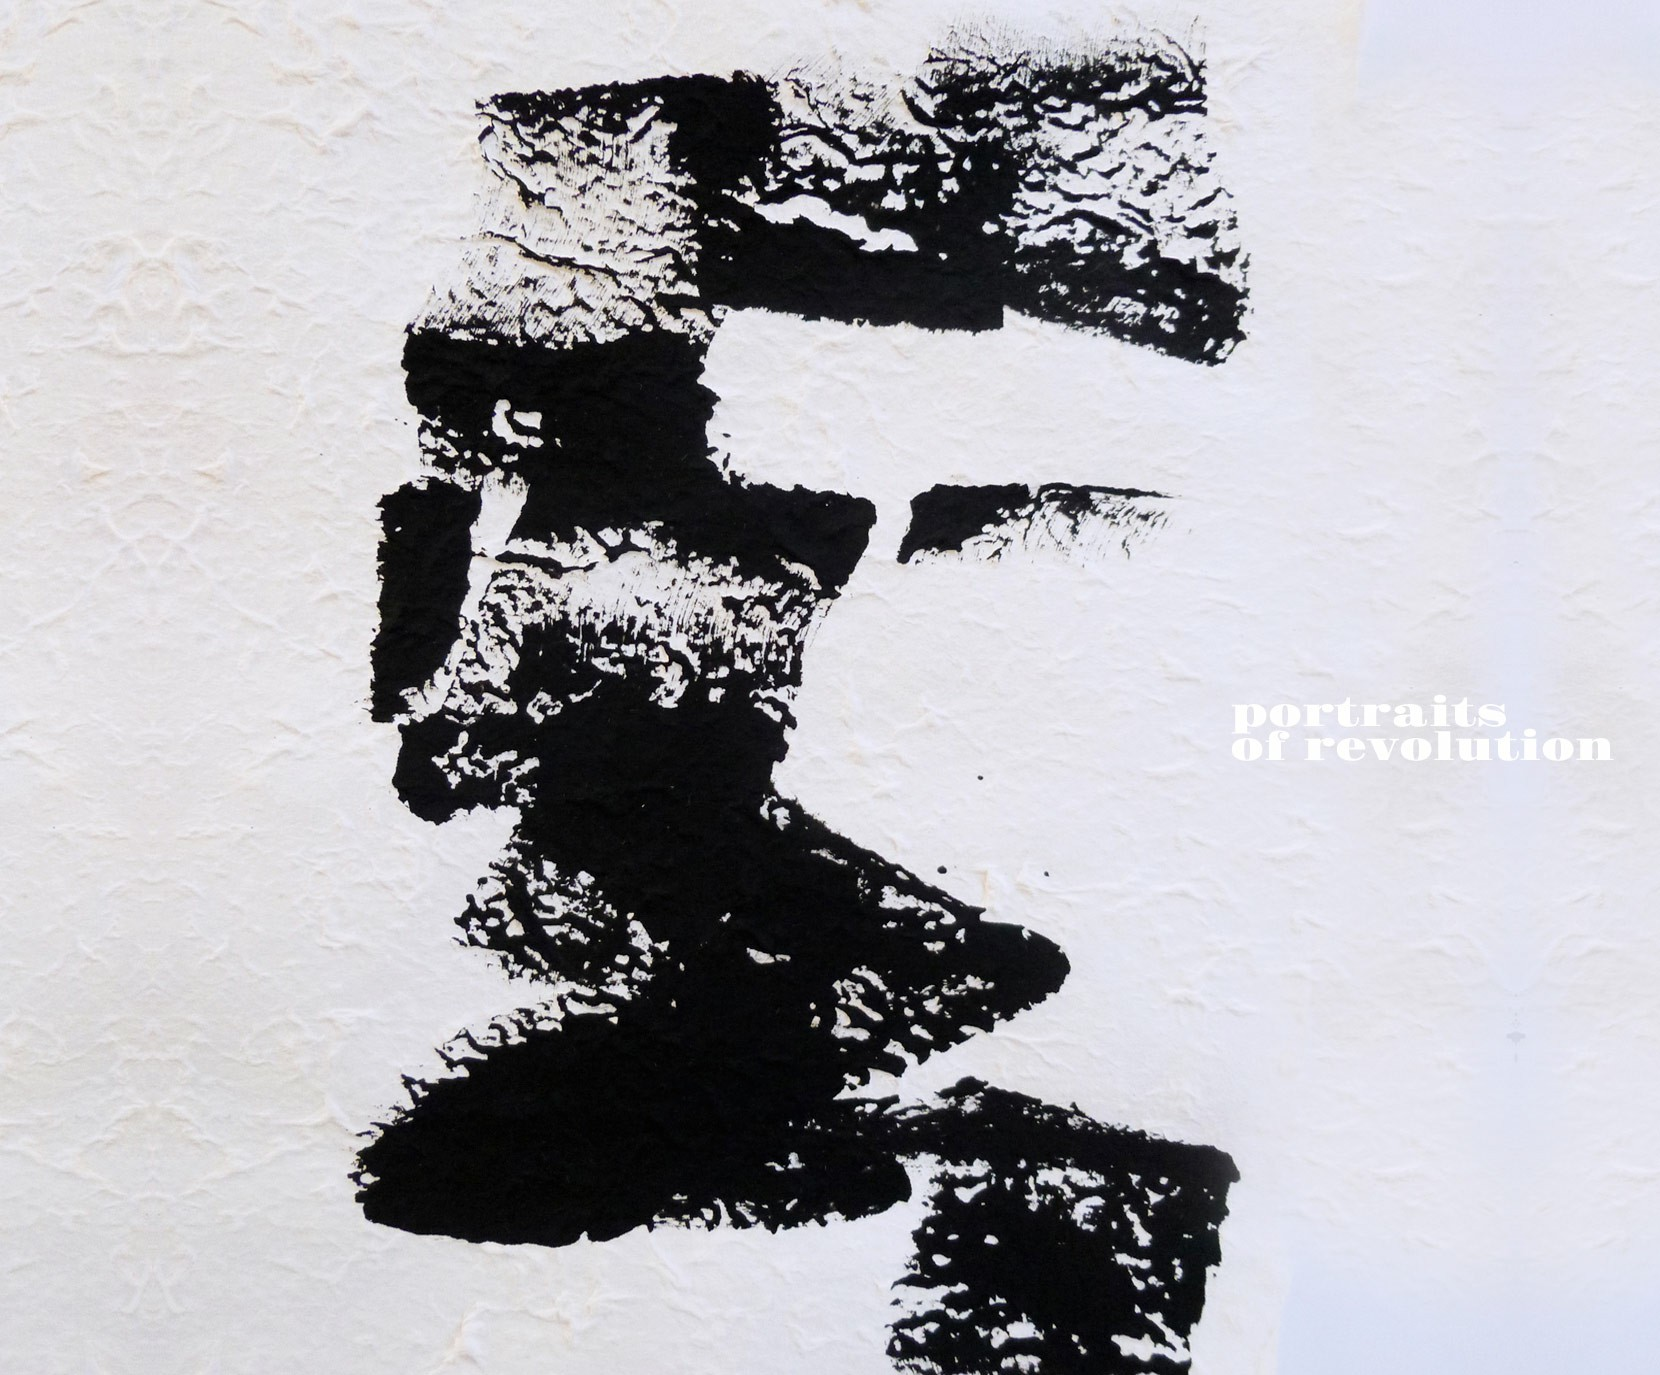 Silvio-Cocco-Faces-Revolutions-Graphic-Design